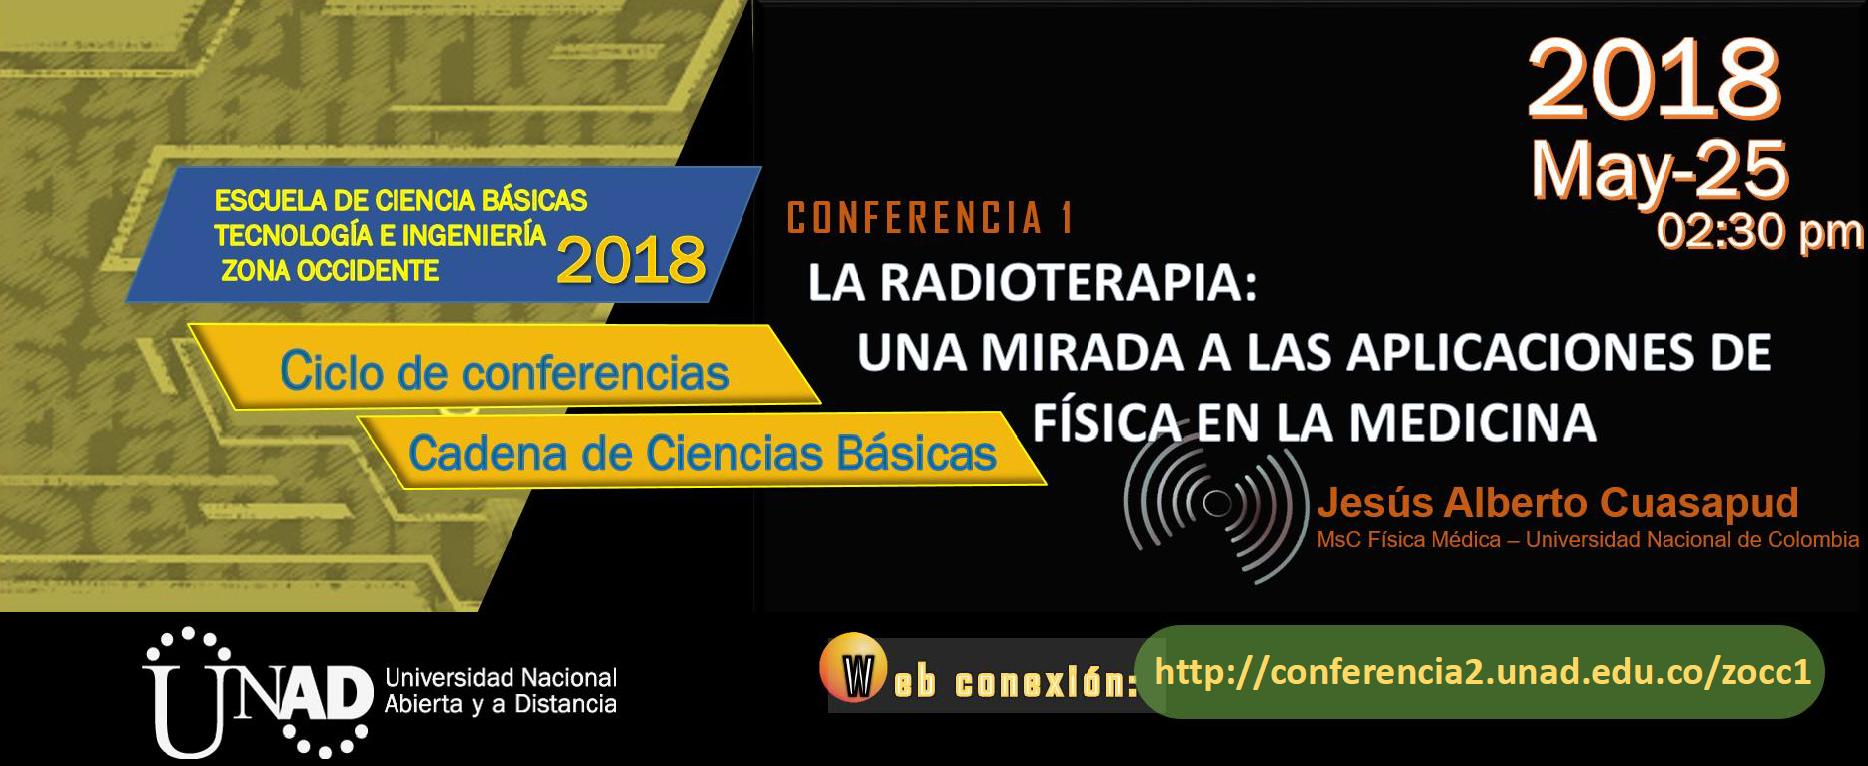 La Radioterapia Una Mirada a las Aplicaciones de Física en Medicina ECBTI